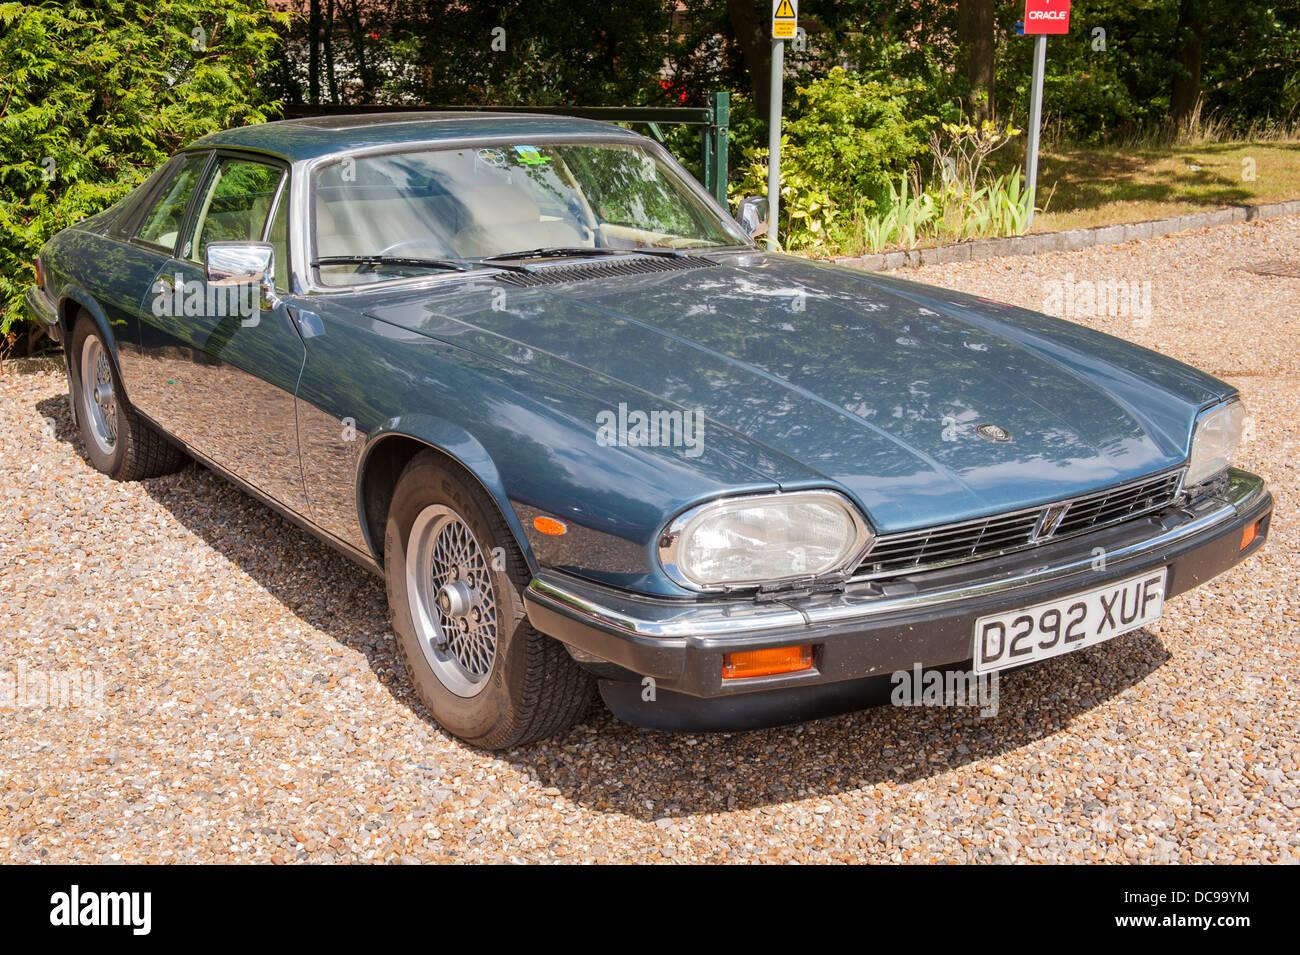 De Havilland Museum 1986 Jaguar Xj S V12 Auto Blue Petrol 2 Dr Door